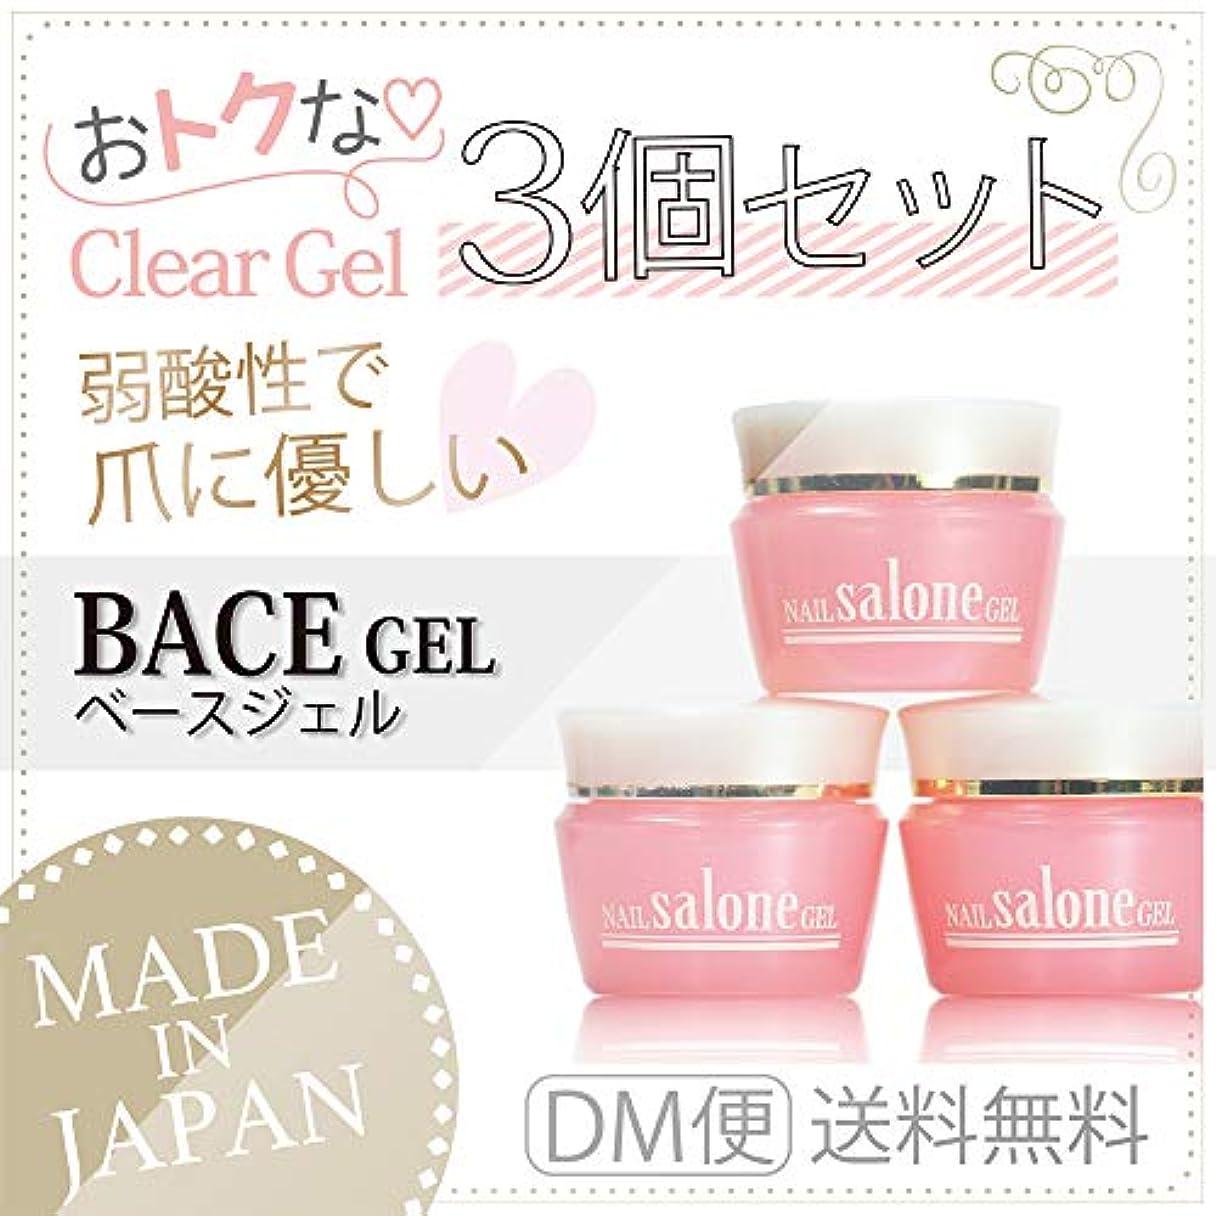 驚くばかり実用的気難しいSalone gel サローネ ベースジェル お得な3個セット 爪に優しい 日本製 驚きの密着力 リムーバーでオフも簡単3g